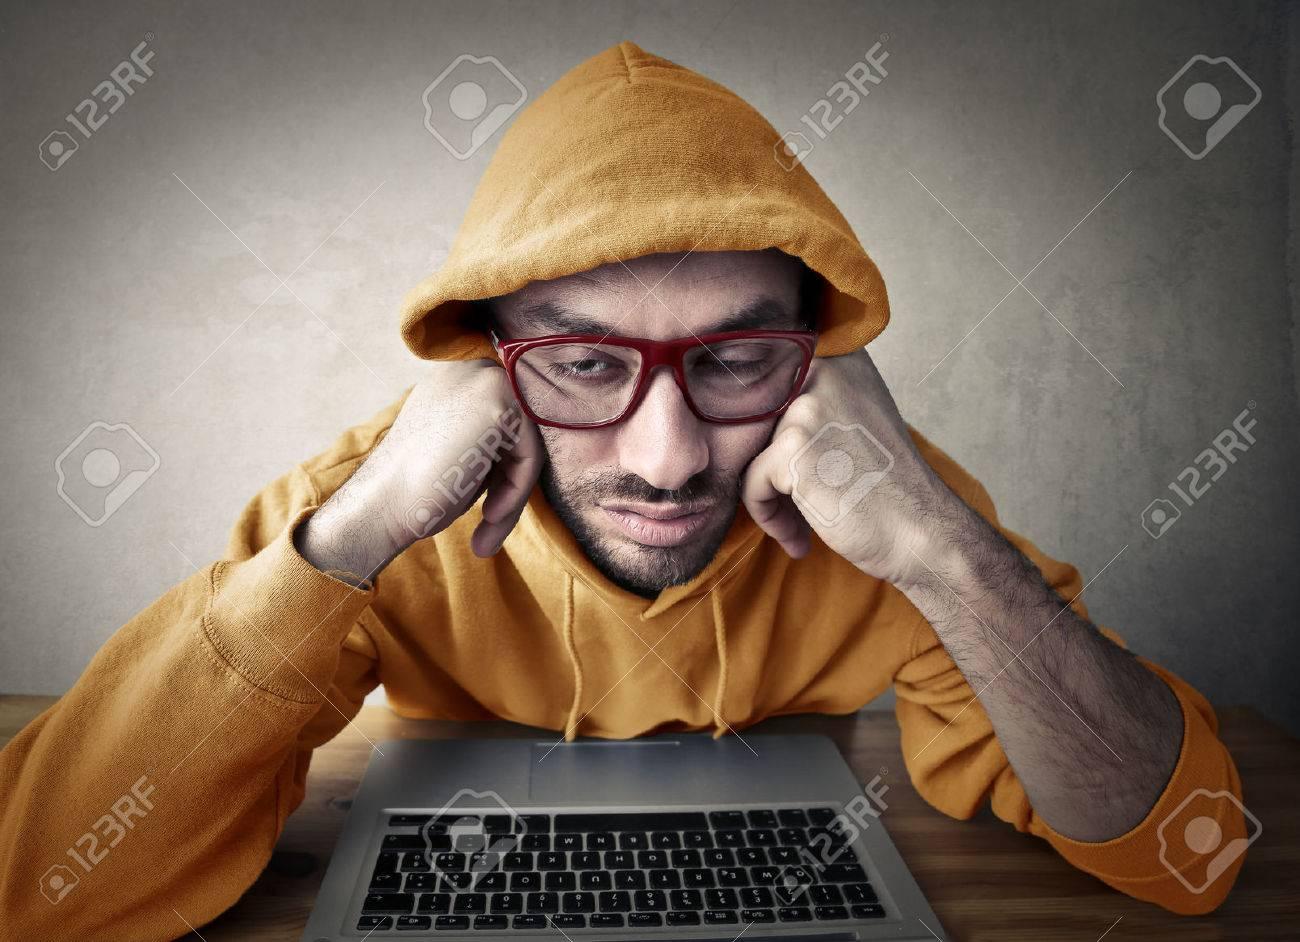 Nerd man falling asleep Standard-Bild - 50740233